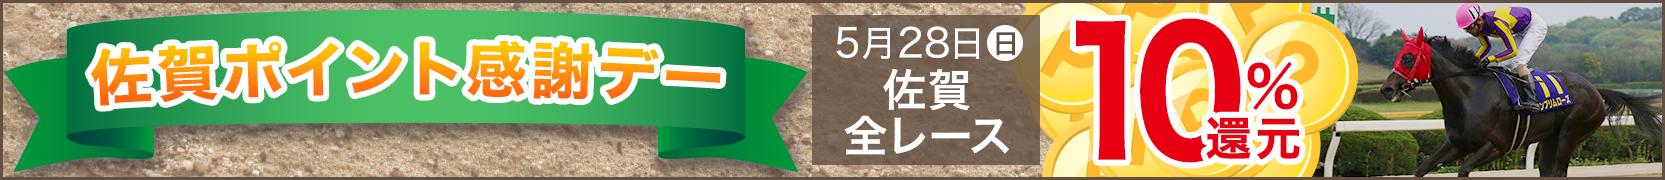 佐賀ポイント感謝デー 九州ダービー栄城賞